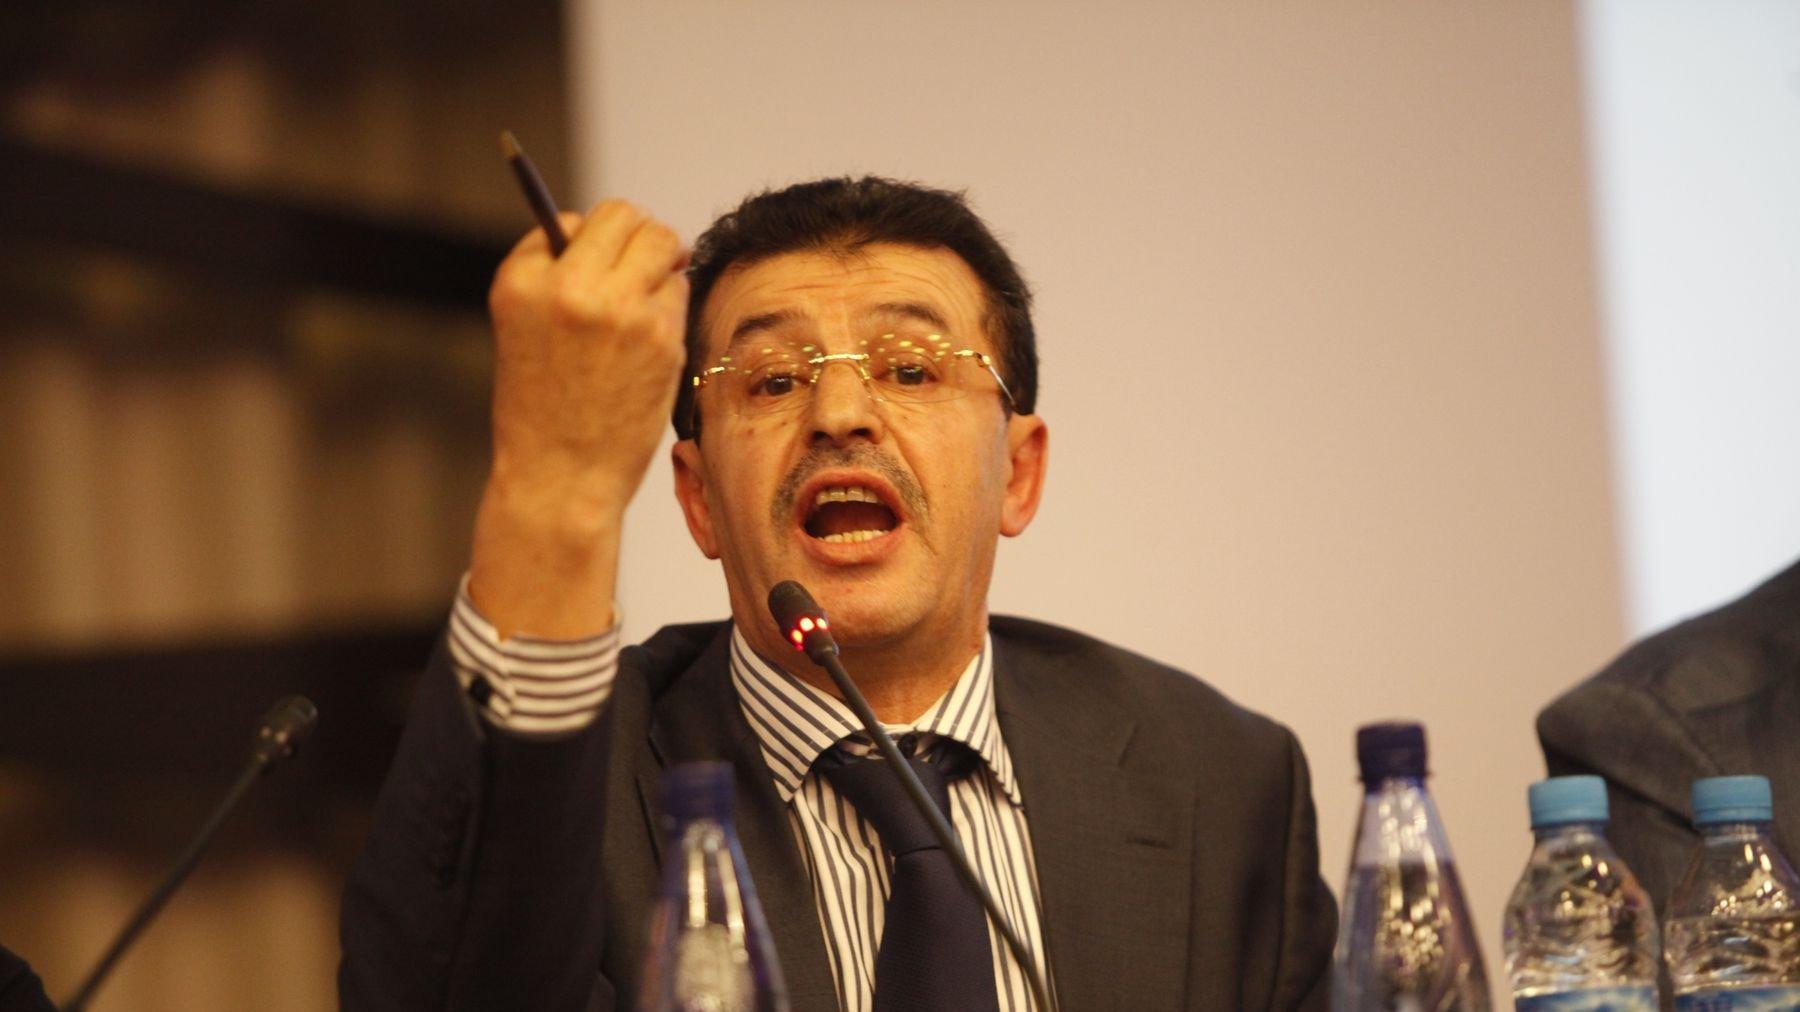 المغرب التطواني يقدم دفوعاته للجامعة في شكاية امرابط